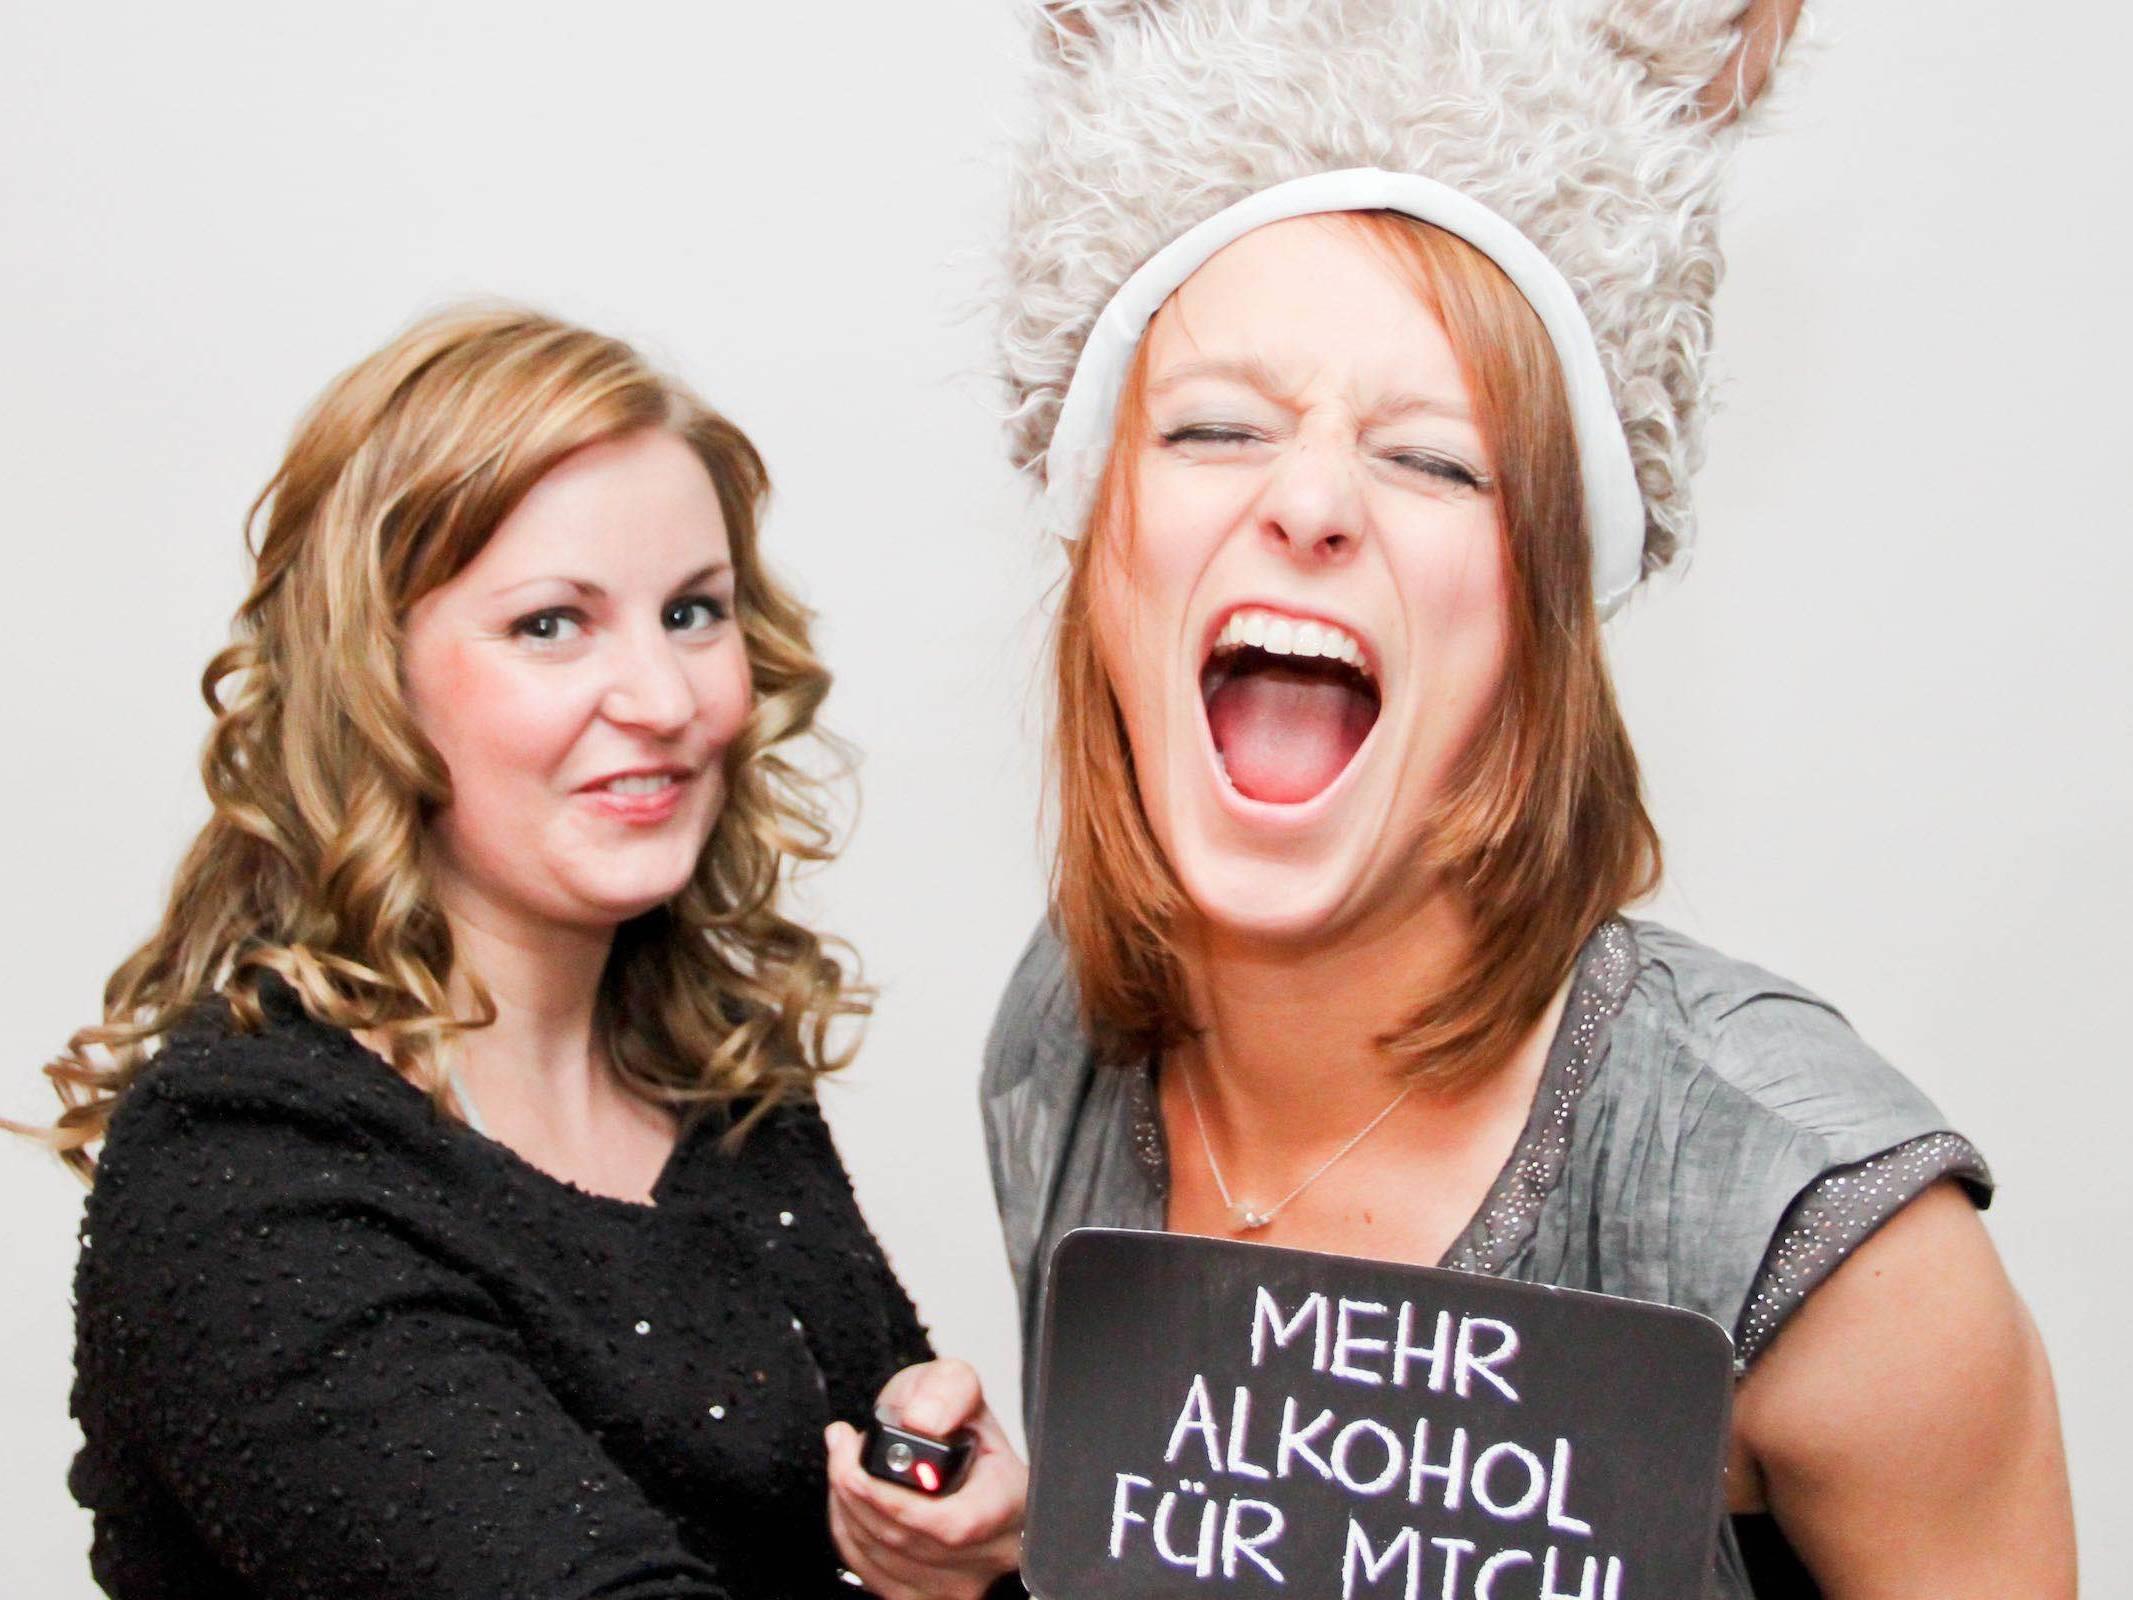 Fotobox   Hochzeit   Hamburg   Mieten   Fotoglotze   Druck   Bildausdrucke   Hintergrund   Photobooth   Hochzeit   Messe   Event   Verkleidung   Requisiten   Hamburgfeiert   Buchen   Anfragen   Mieten